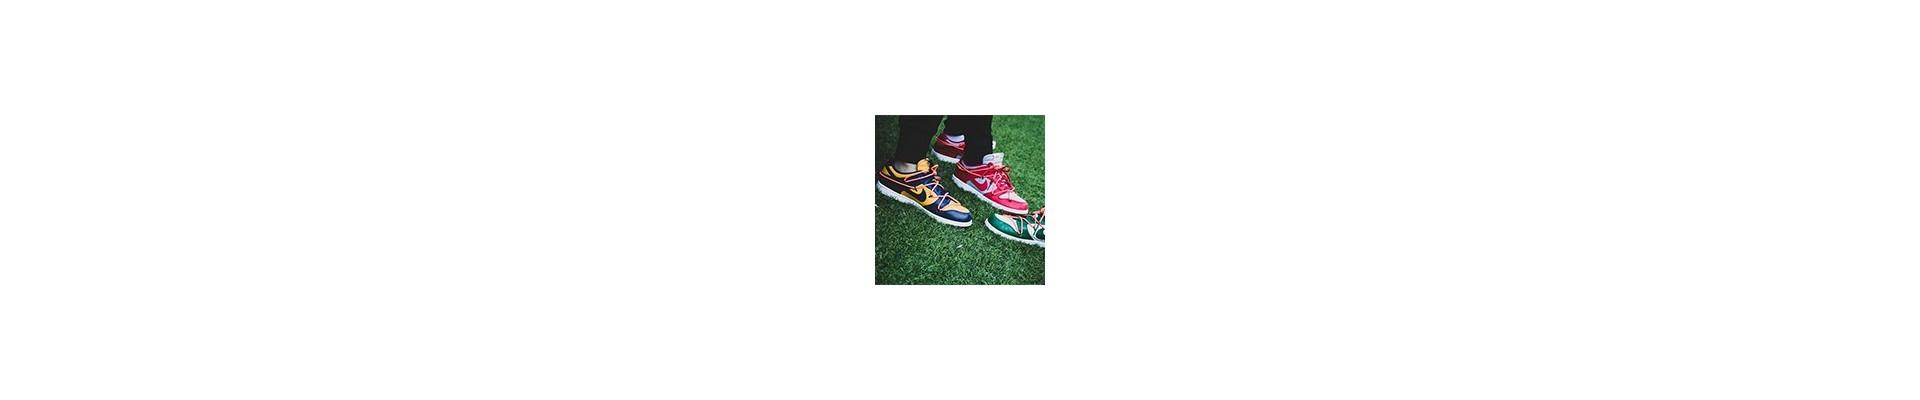 Nike Dunk al mejor precio, sólo en Calza Tendencias